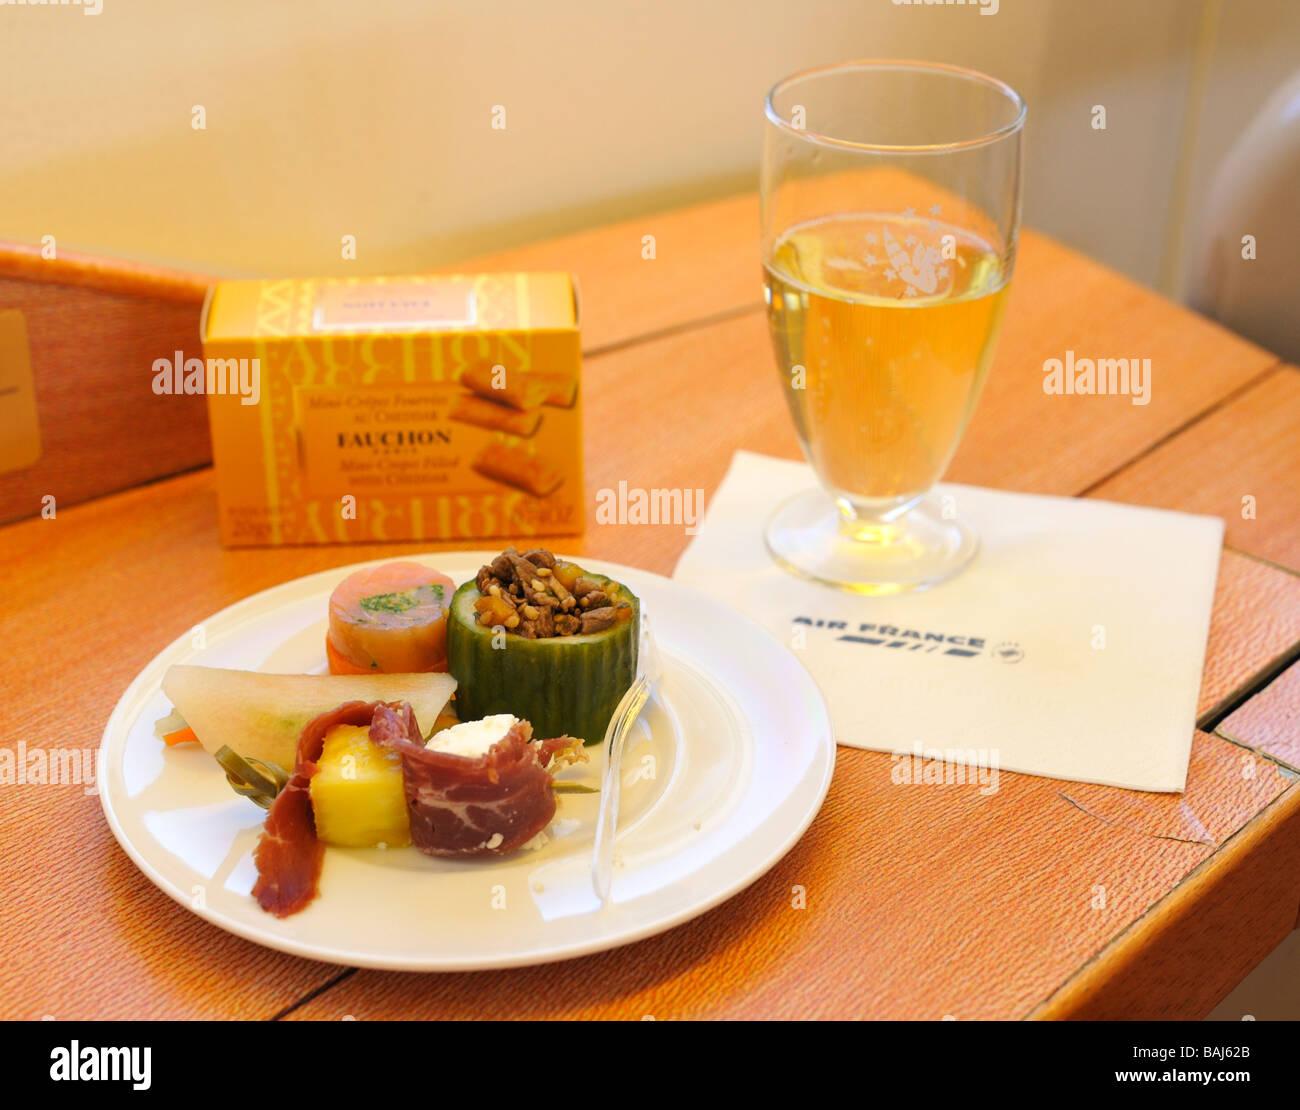 Aperitivos y champán de primera clase, Air France La Première (First Class) Imagen De Stock